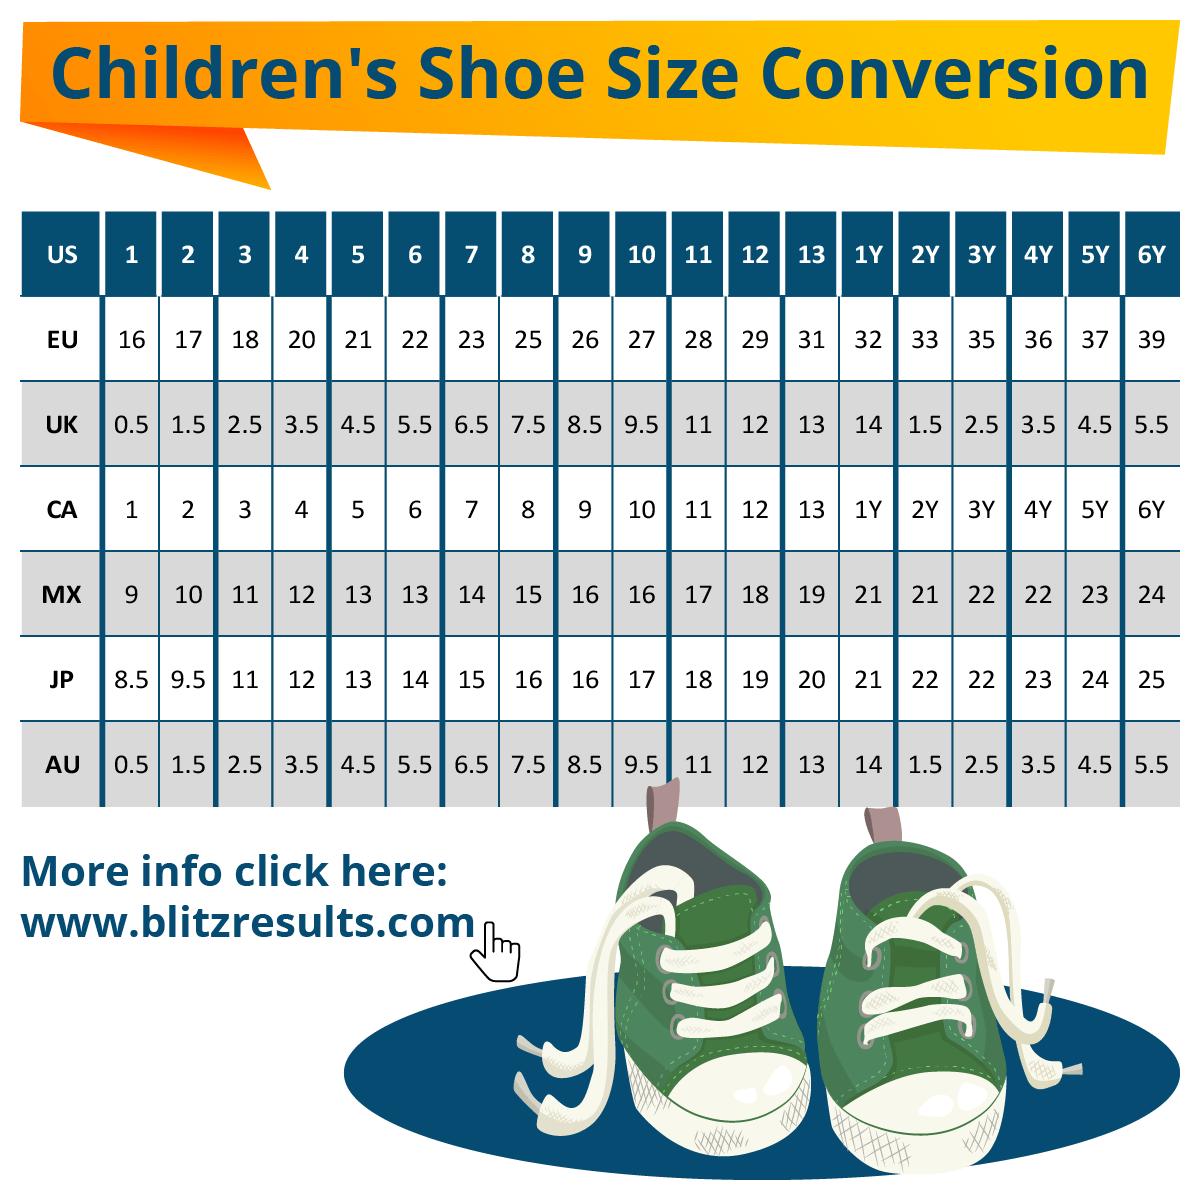 kids shoe size 13 in eu